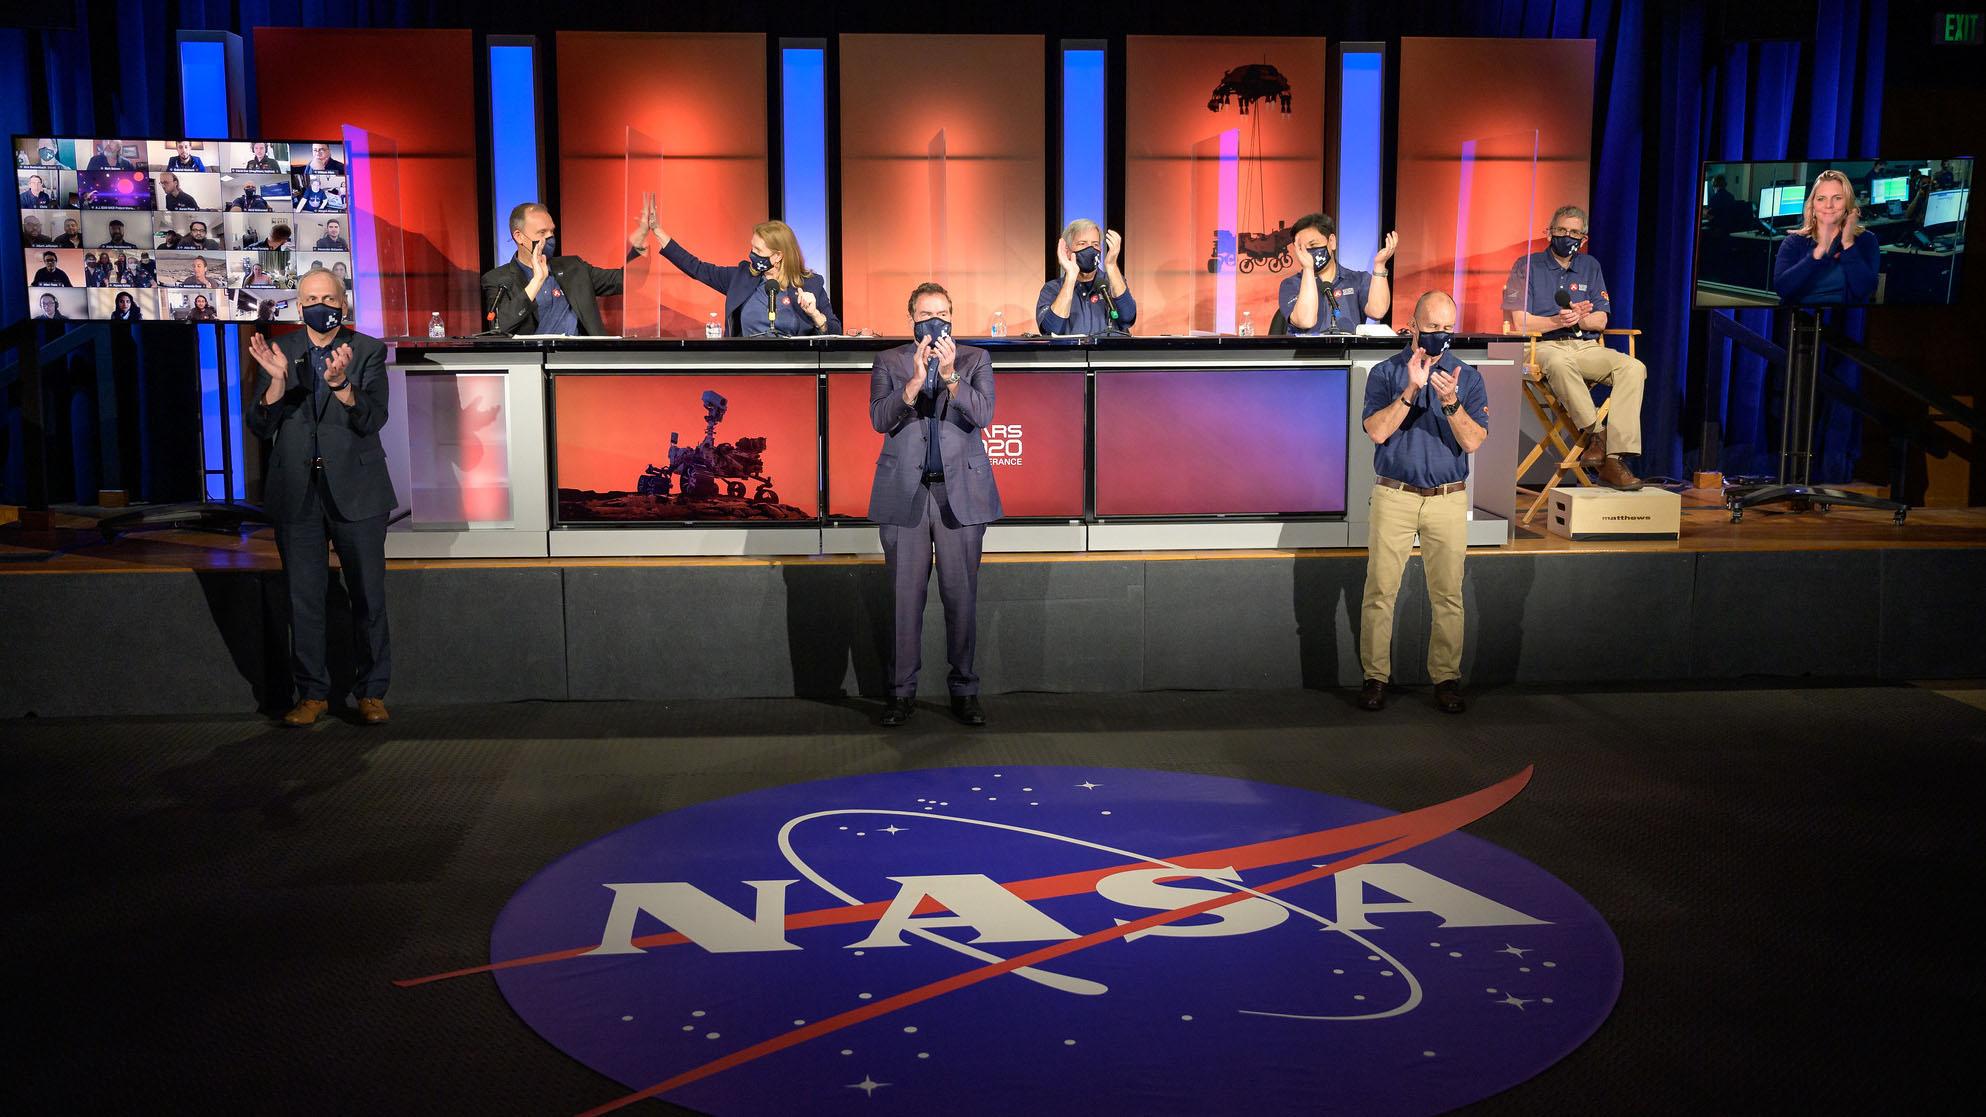 La direction de la mission du rover Perseverance de la NASA et un scientifique célèbrent un atterrissage réussi sur Mars au début d'une mise à jour post-atterrissage, le jeudi 18 février 2021, au Jet Propulsion Laboratory de la NASA à Pasadena, en Californie.